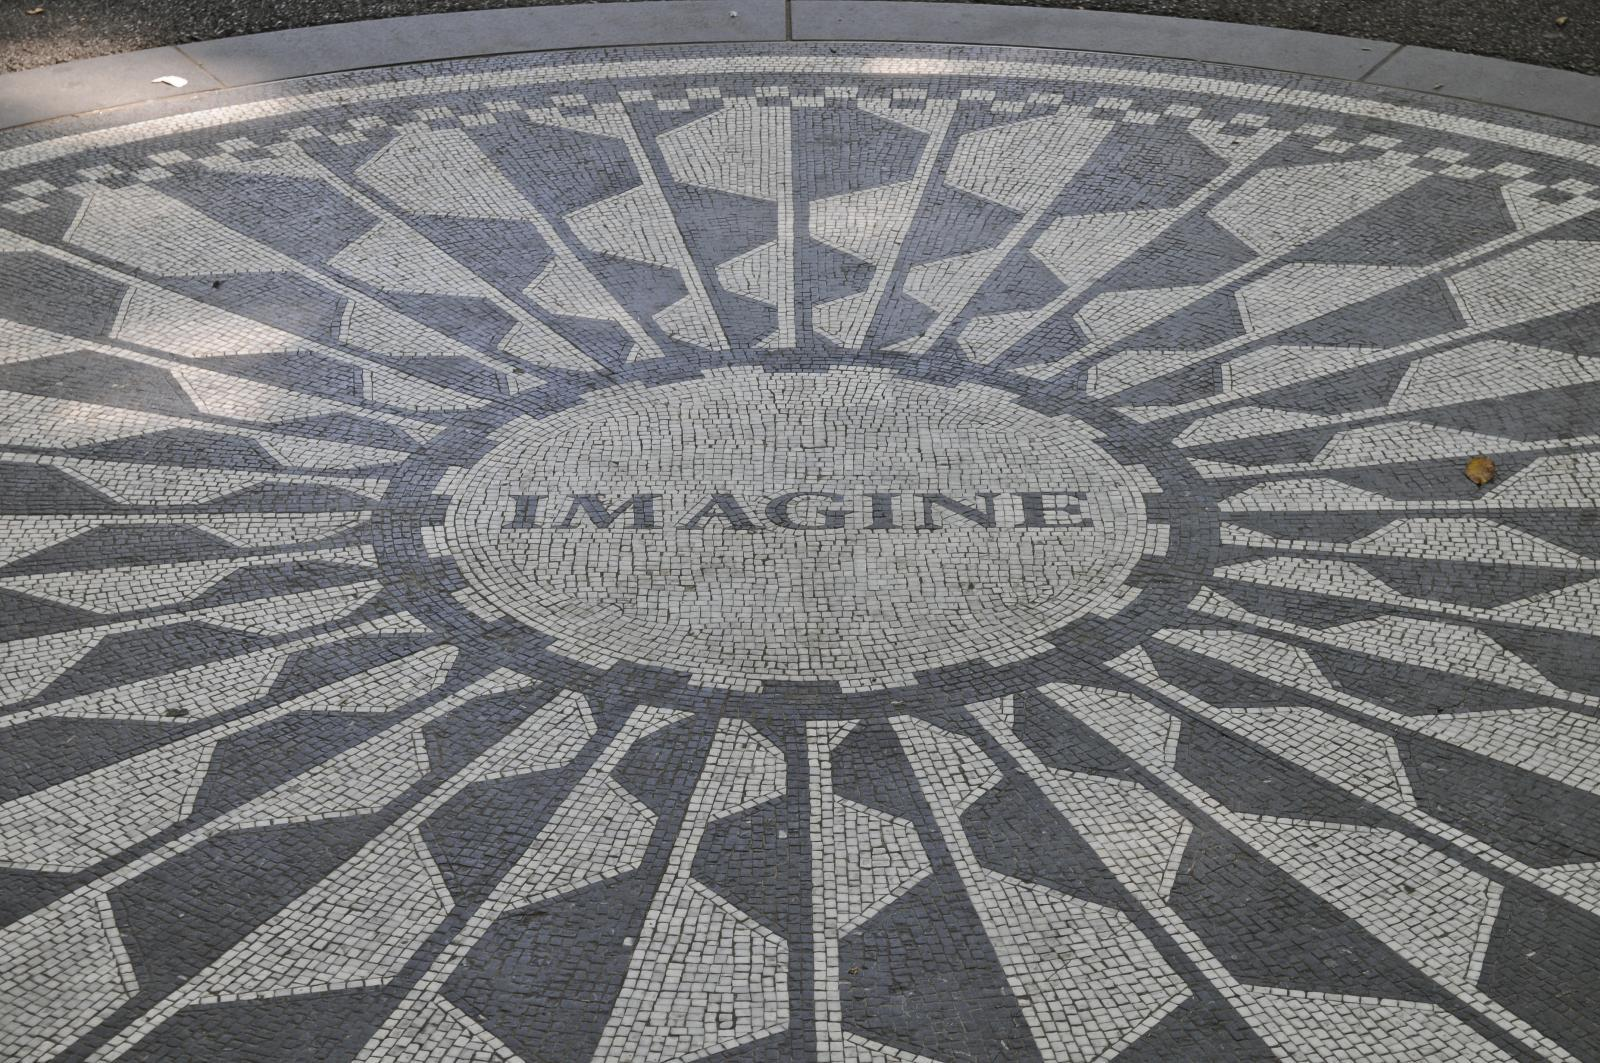 Imagine Mosaic Central Park